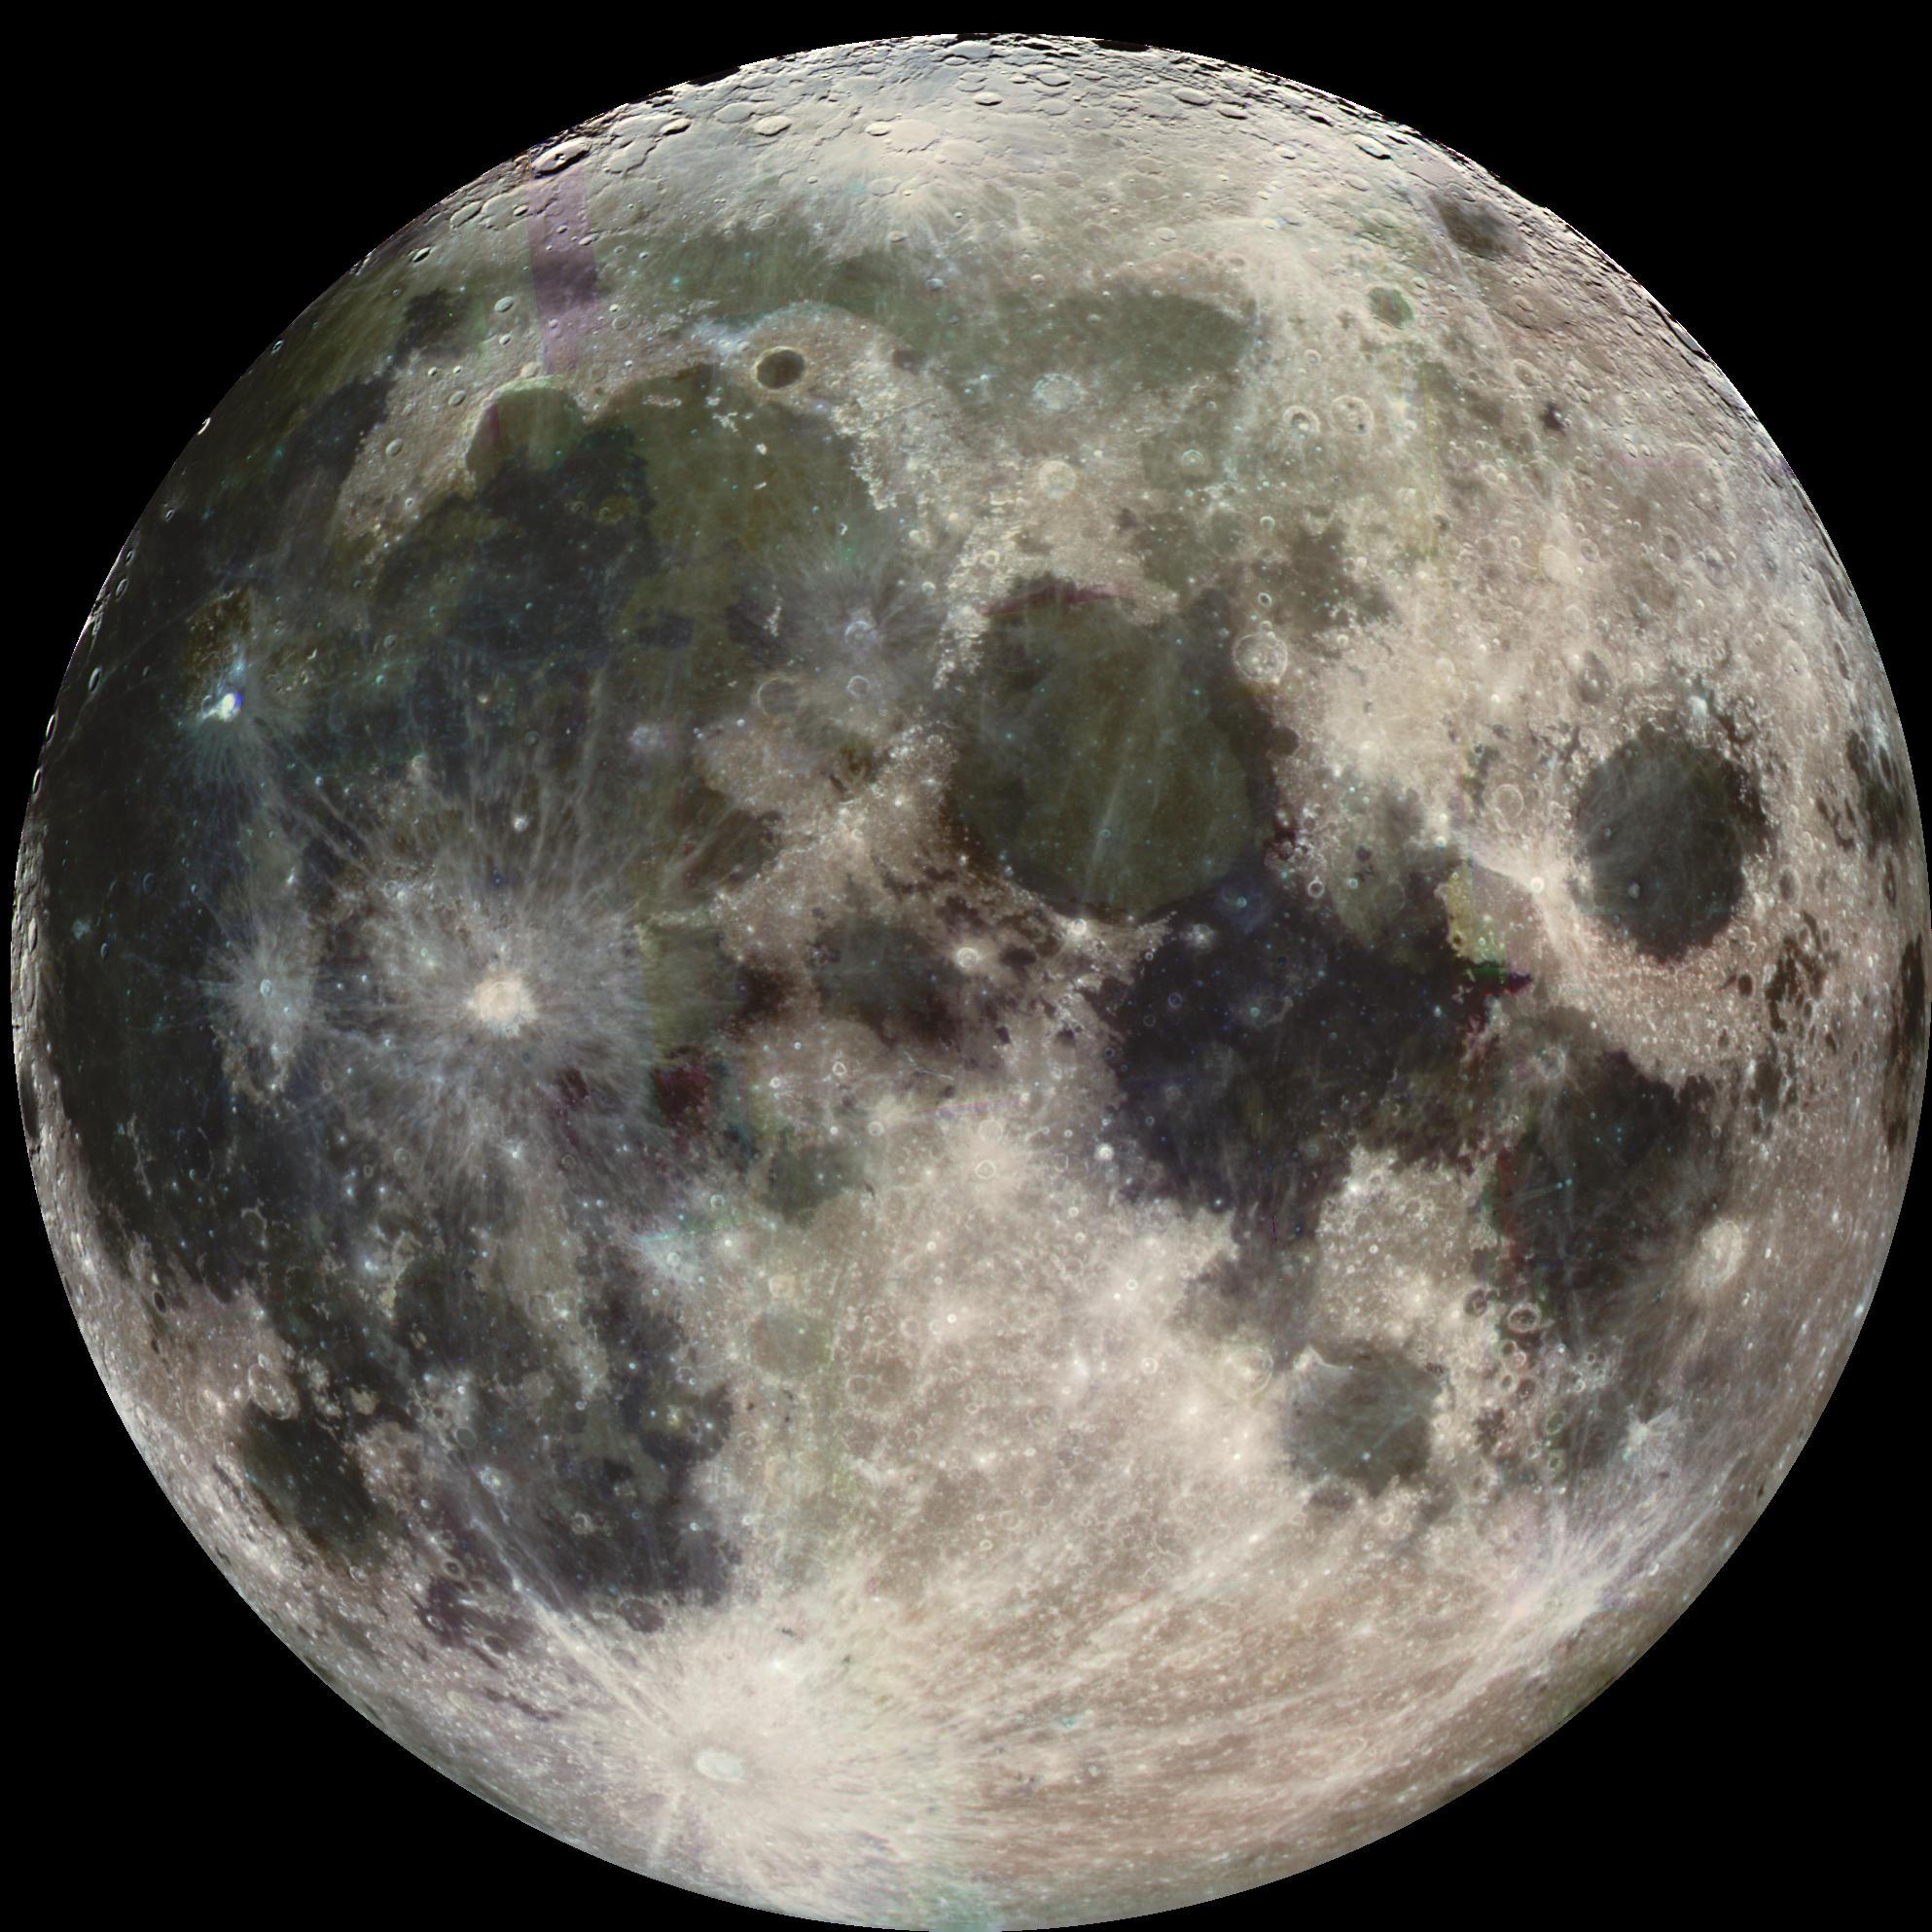 Влияние Луны на развитие жизни на Земле сильно преувеличено